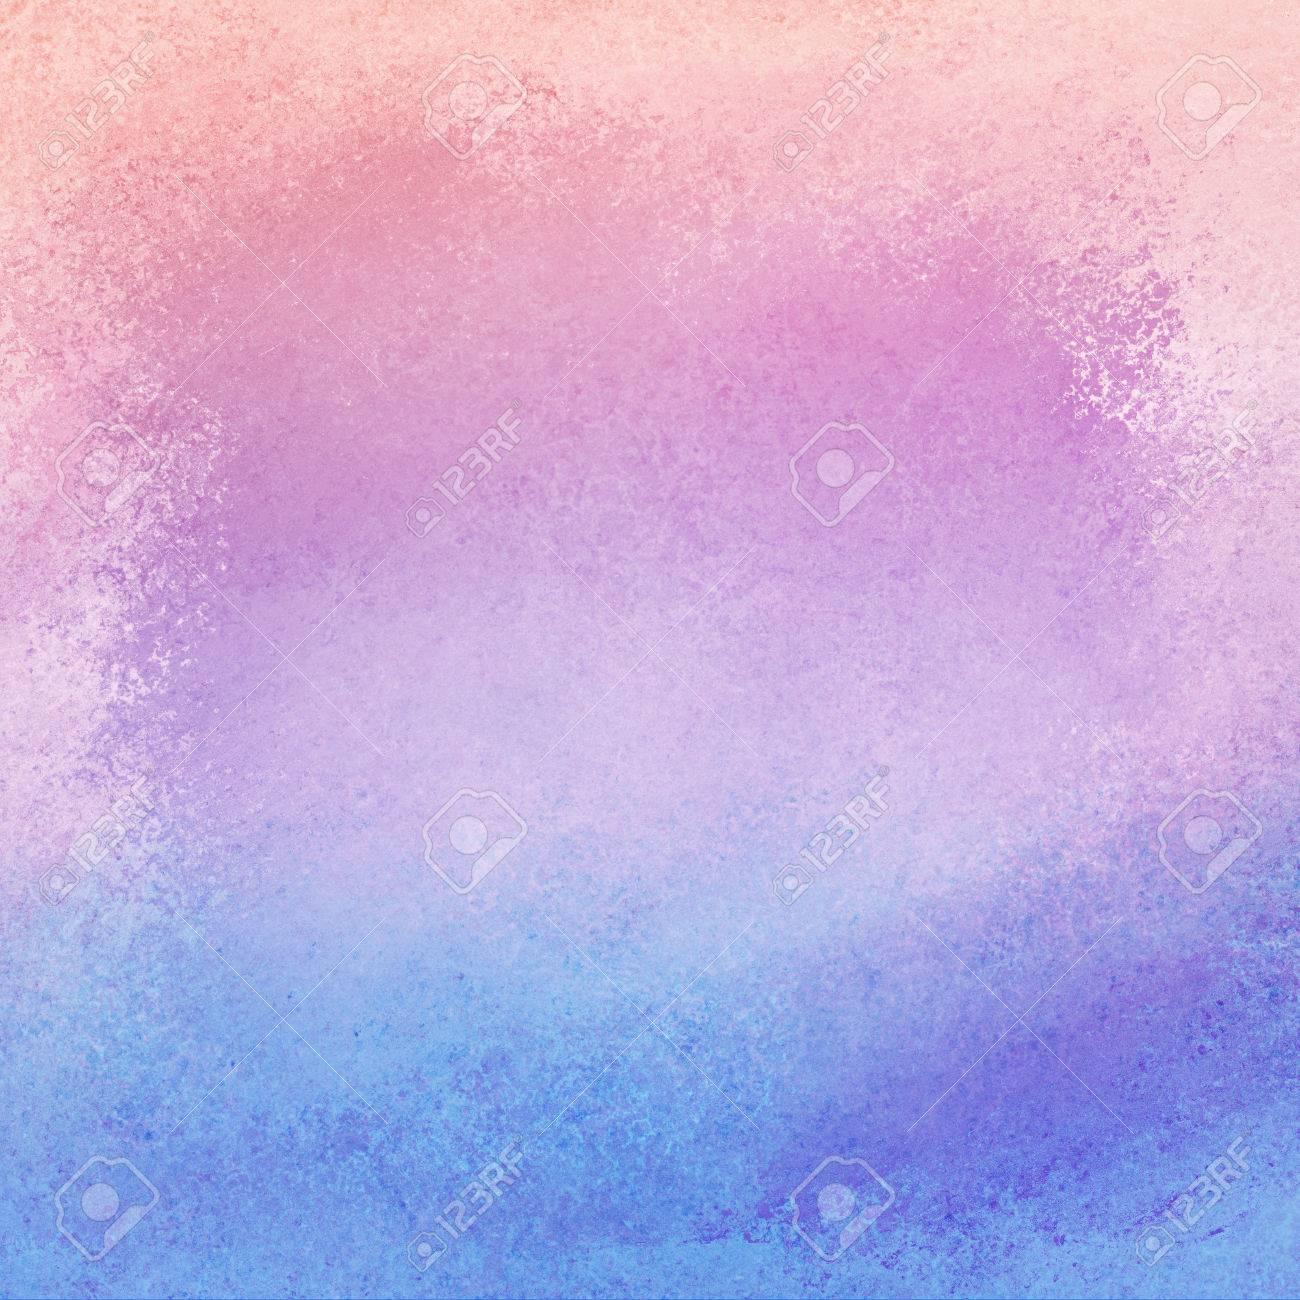 Rosa Purpura Y Azul De Fondo Con Degradado De Color Y Textura De La Vendimia Del Grunge